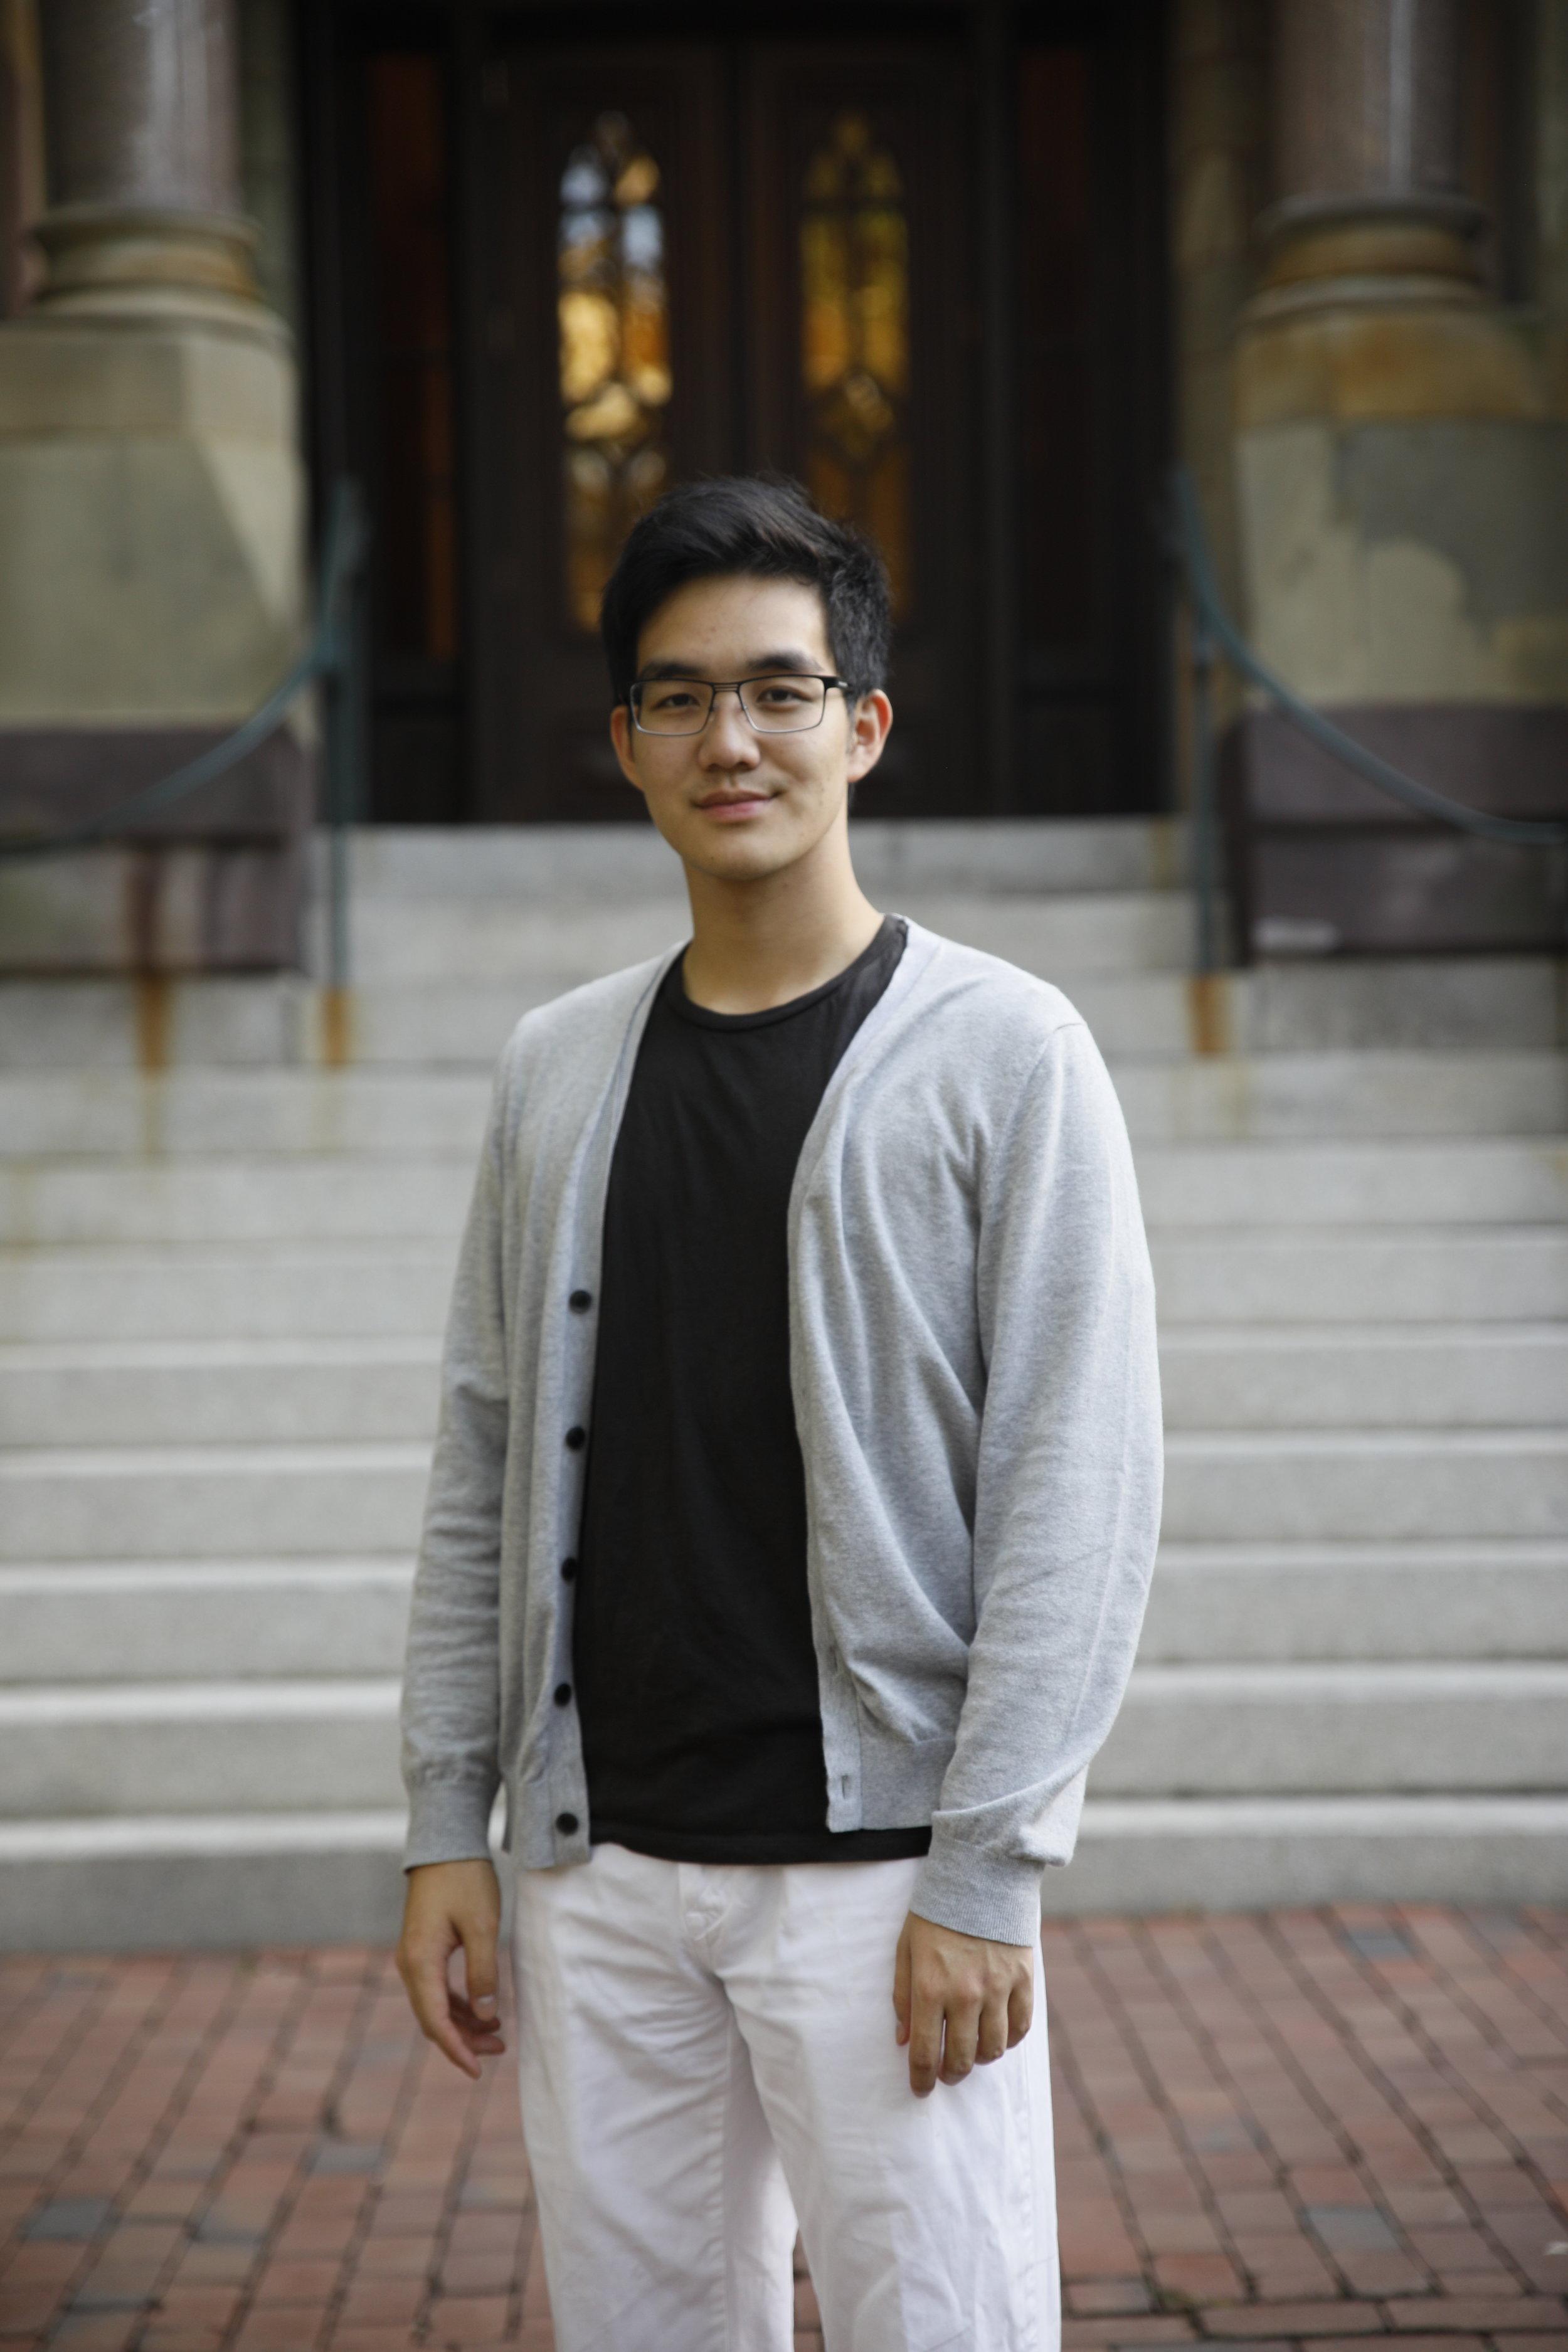 Johnathan Chen